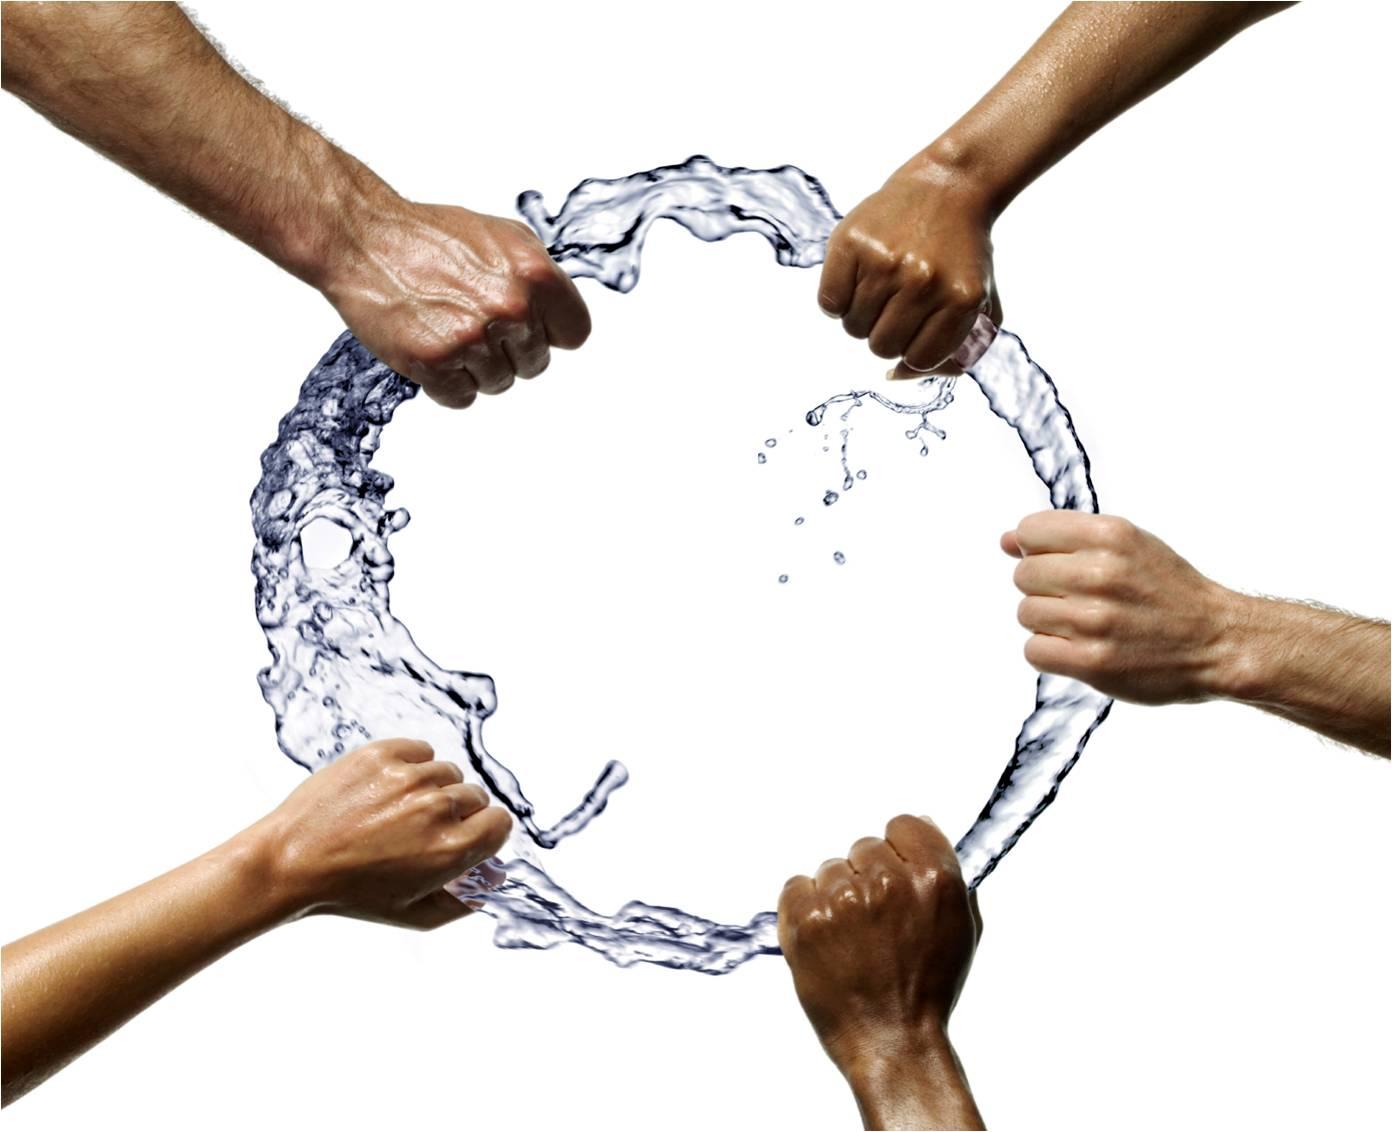 WWF, acqua: ripartire dalla legge di iniziativa popolare